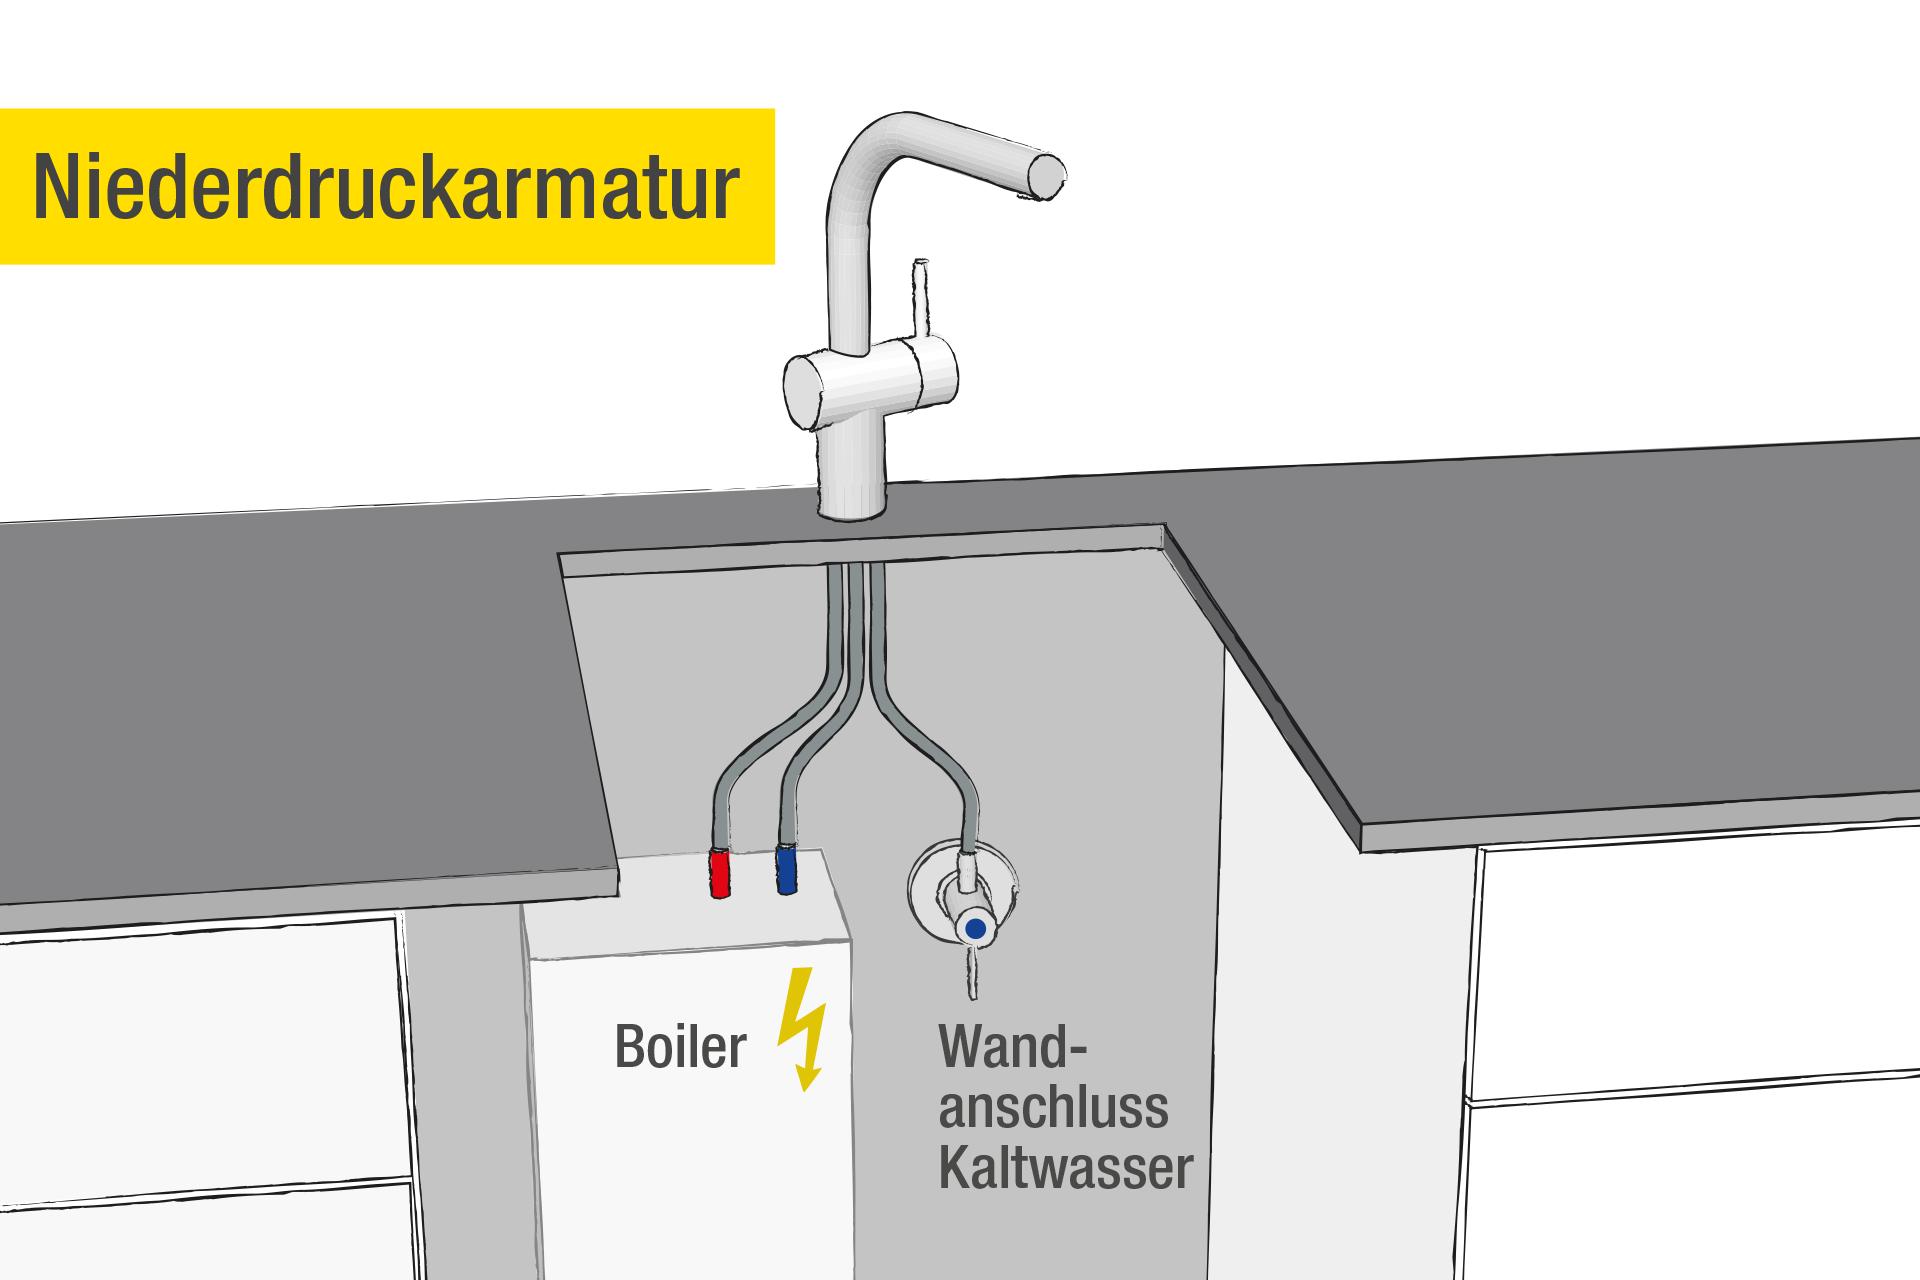 Full Size of Niederdruck Mischbatterie Küche Günstig Mit Elektrogeräten Massivholzküche Weiße Ikea Kosten Led Deckenleuchte U Form Jalousieschrank Armatur Doppel Wohnzimmer Niederdruck Mischbatterie Küche